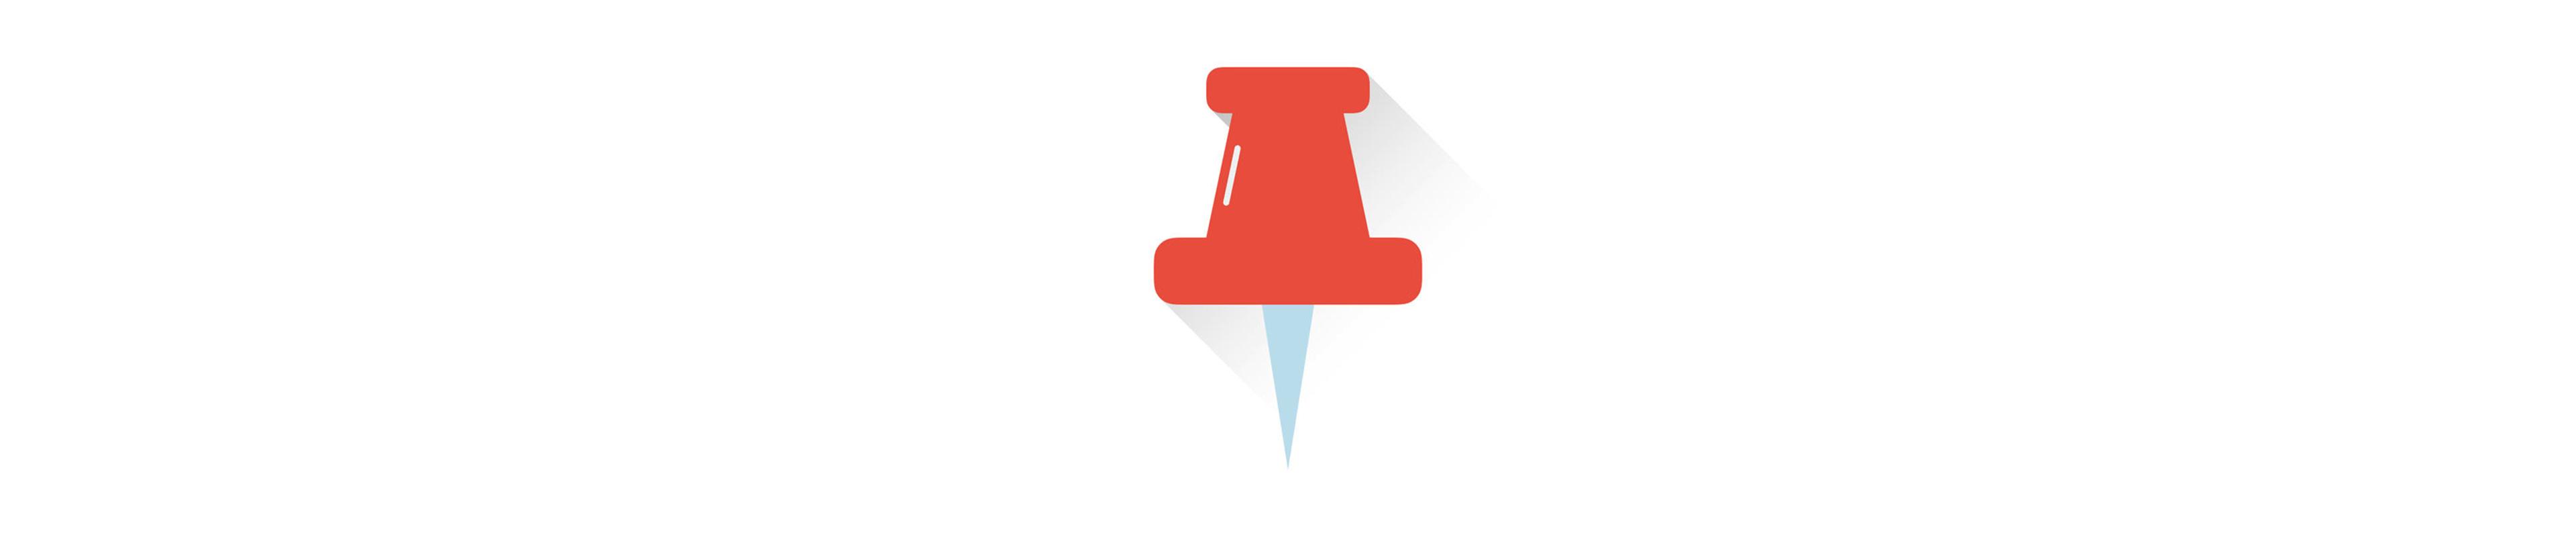 [已购]Pin – 剪贴板扩展-草蜢资源